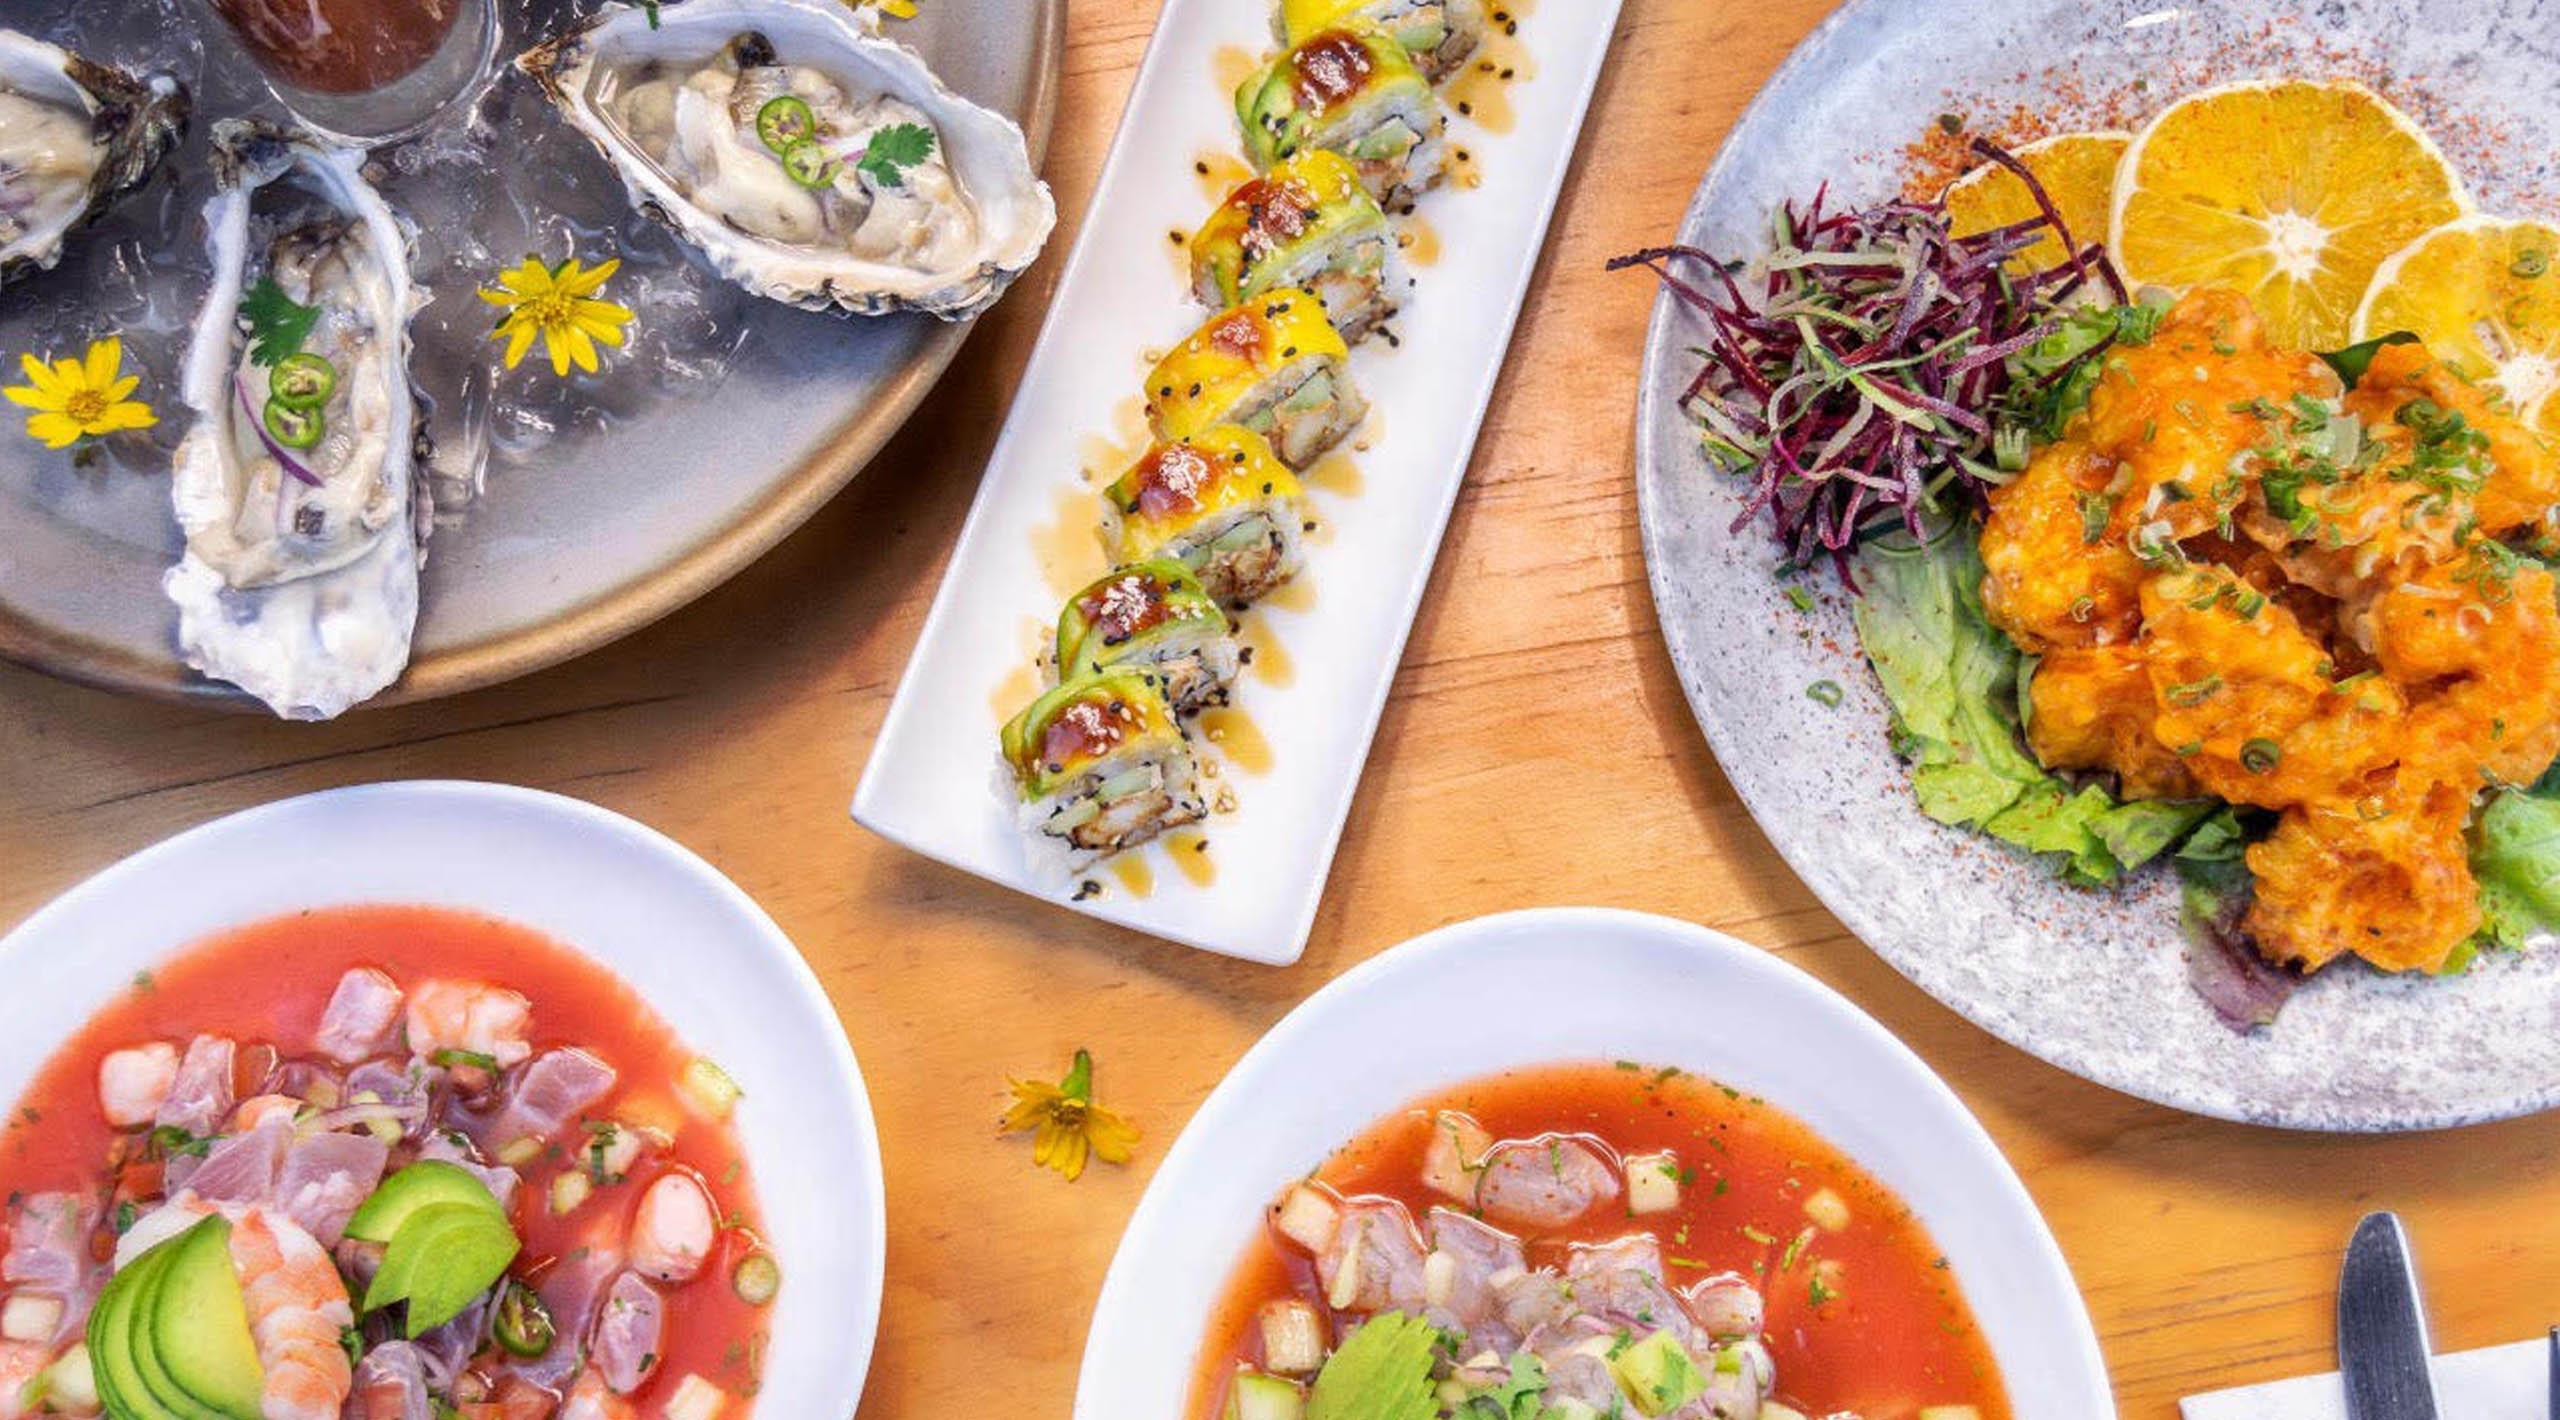 Aruba Fish & Grill